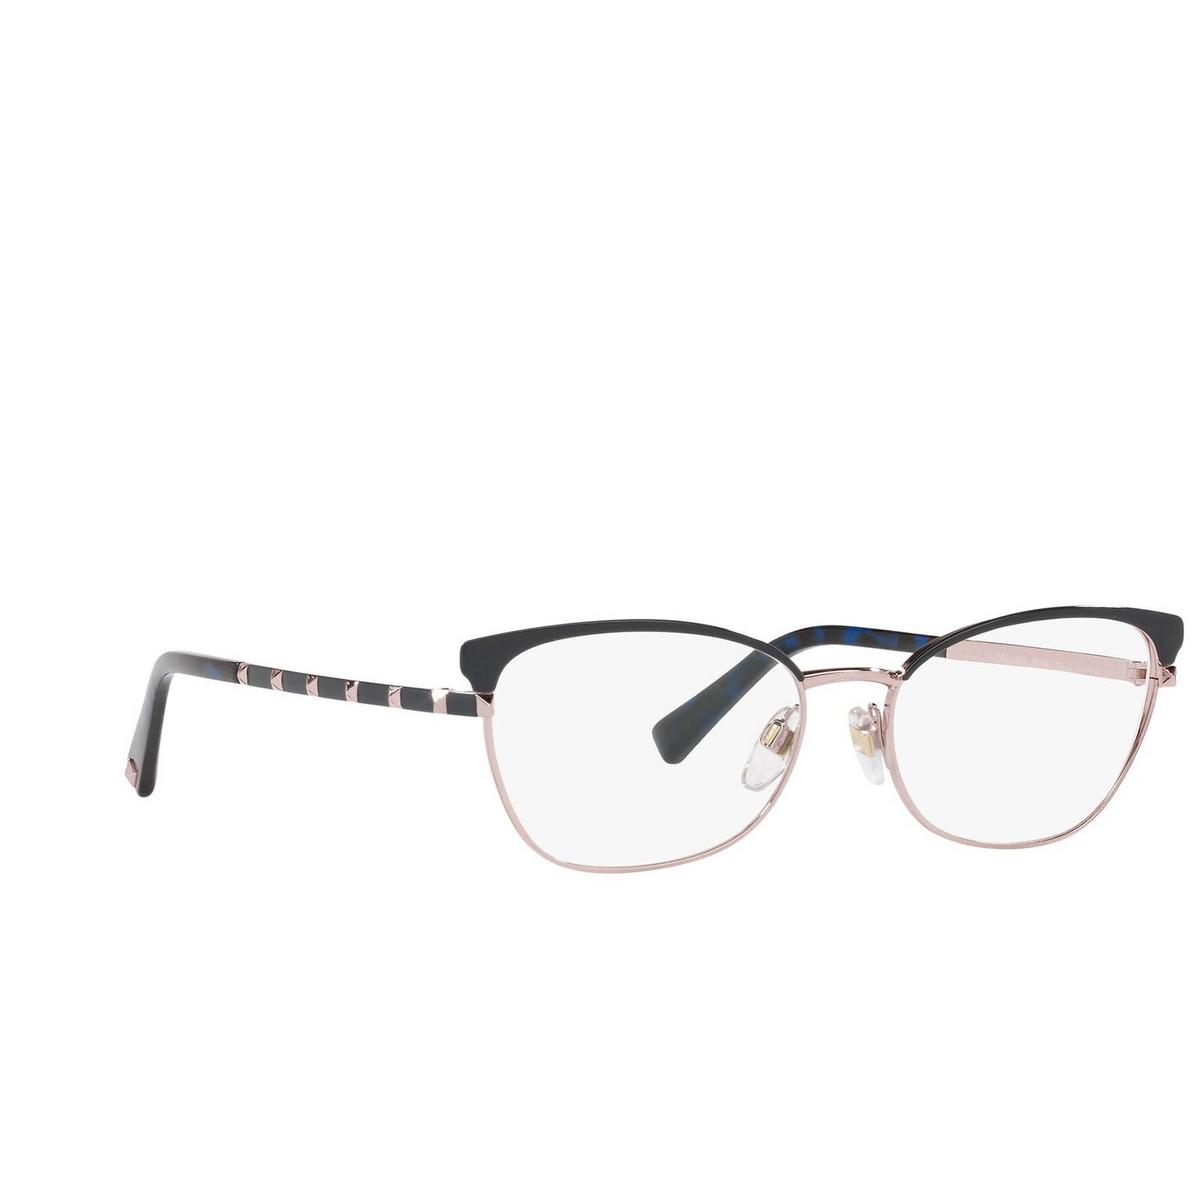 Valentino® Cat-eye Sunglasses: VA1022 color Copper/blue 3004.